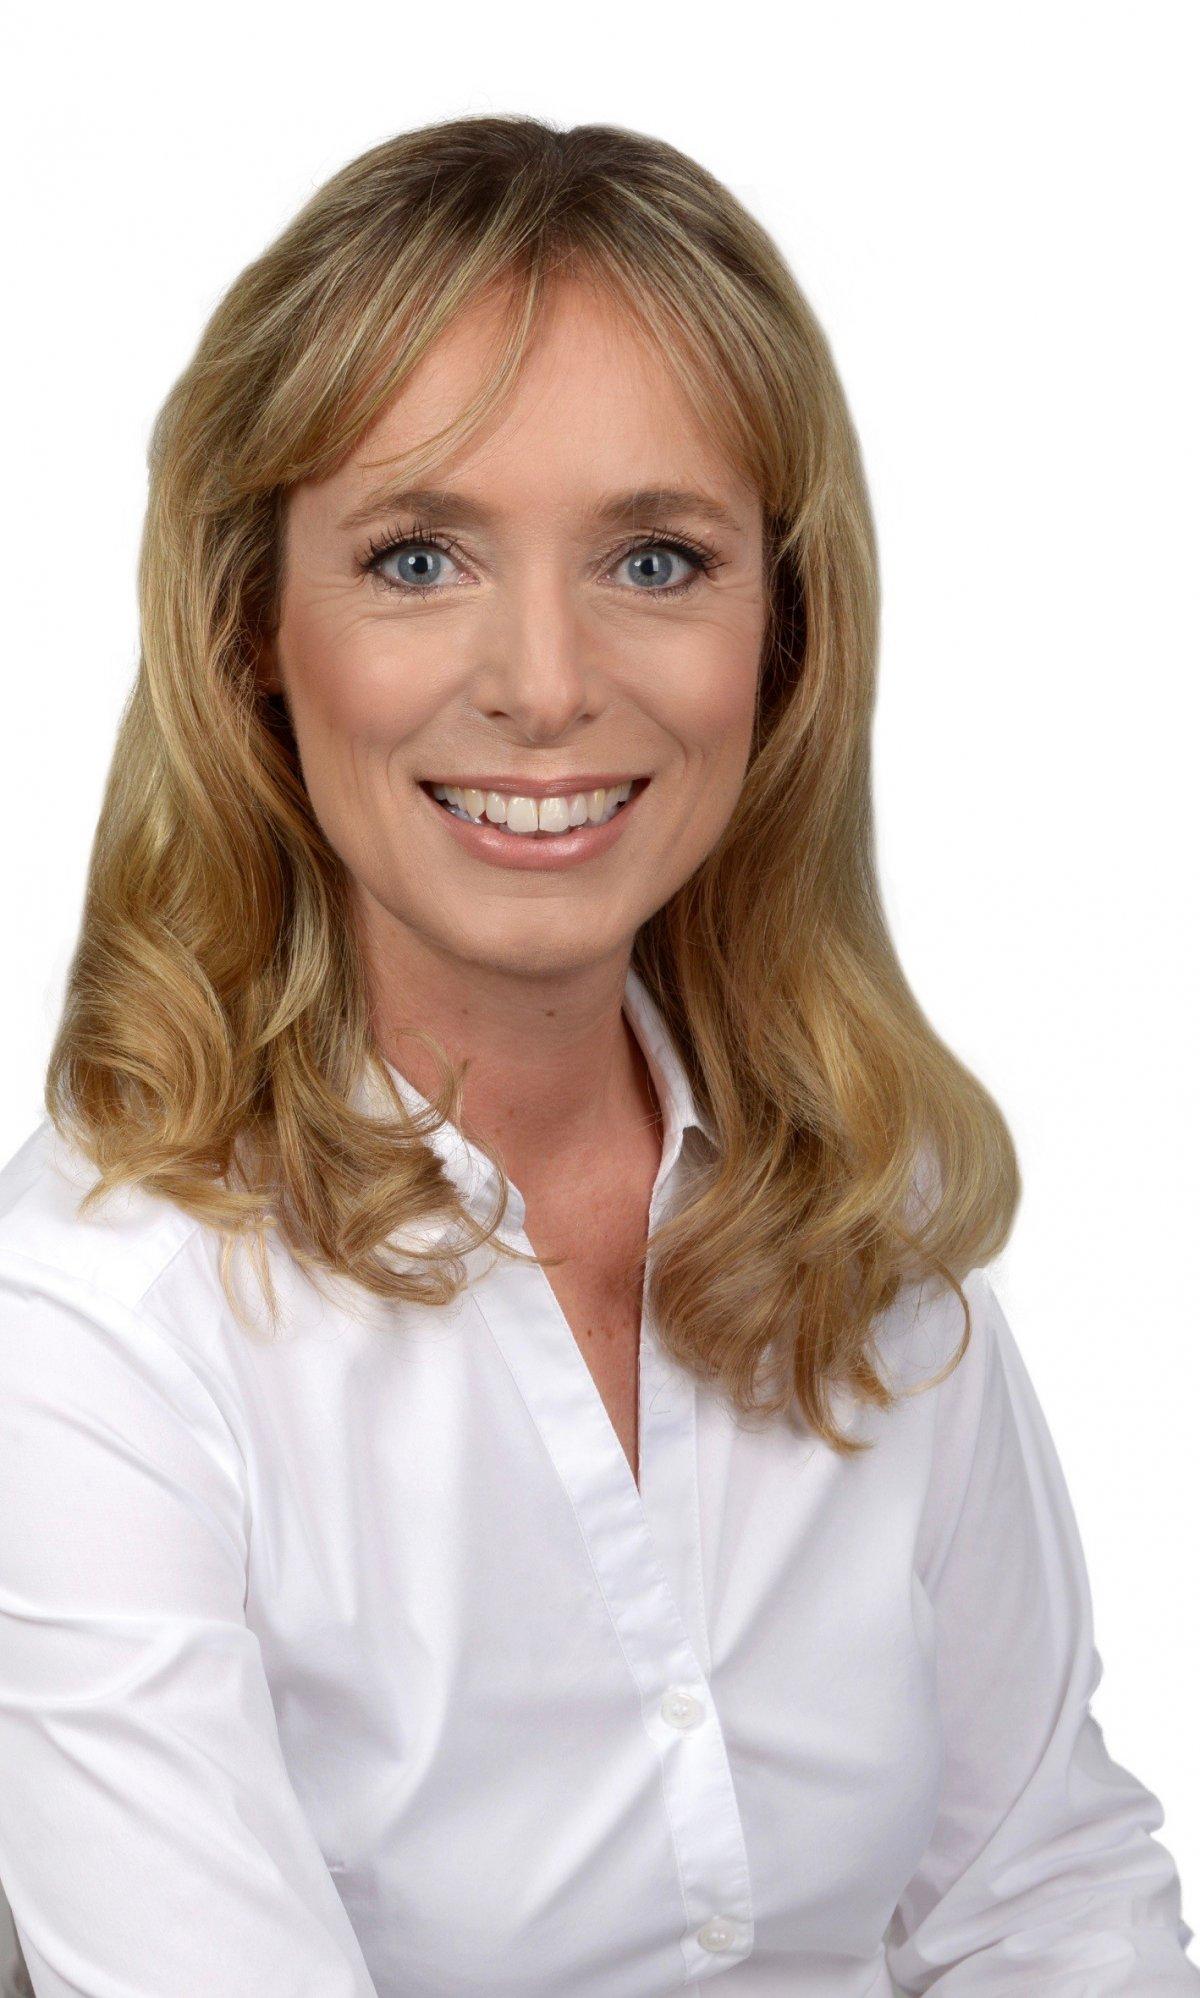 Das Foto zeigt Marie-Louise Radtke-Hendriks aus Korschenbroich vor einem weißen Hintergrund. Sie hat lange blonde Haare und einen Pony. Auf dem Foto lacht sie in die Kamera und trägt eine weiße Bluse.